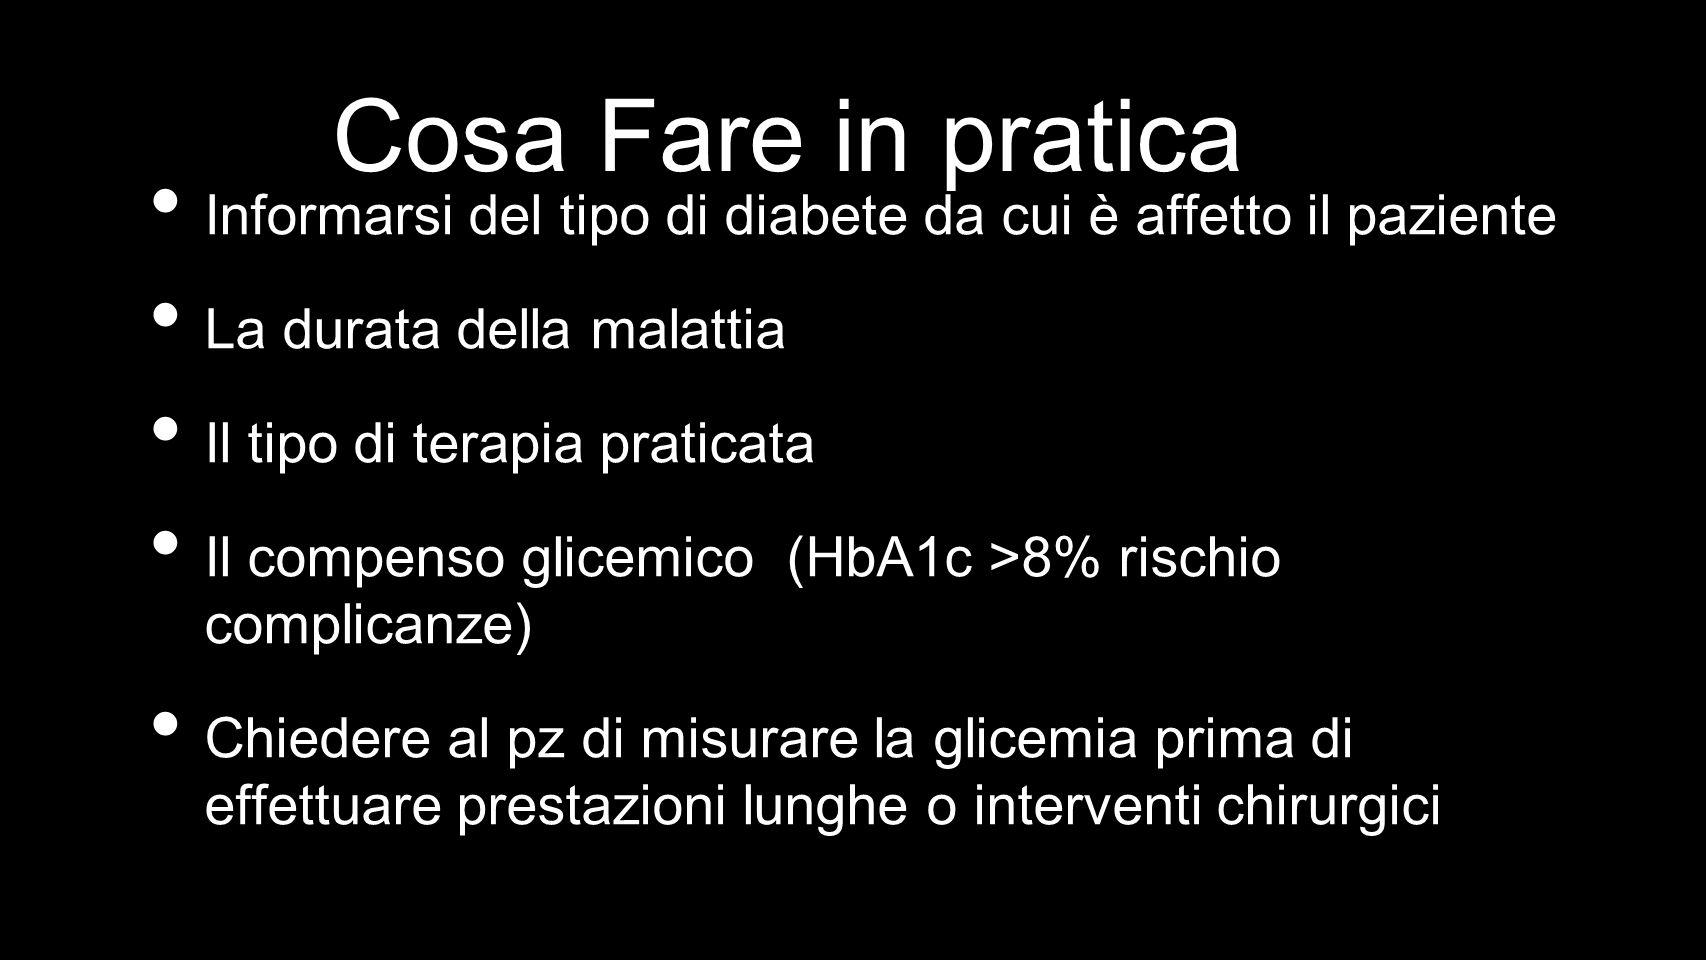 Cosa Fare in pratica Informarsi del tipo di diabete da cui è affetto il paziente. La durata della malattia.